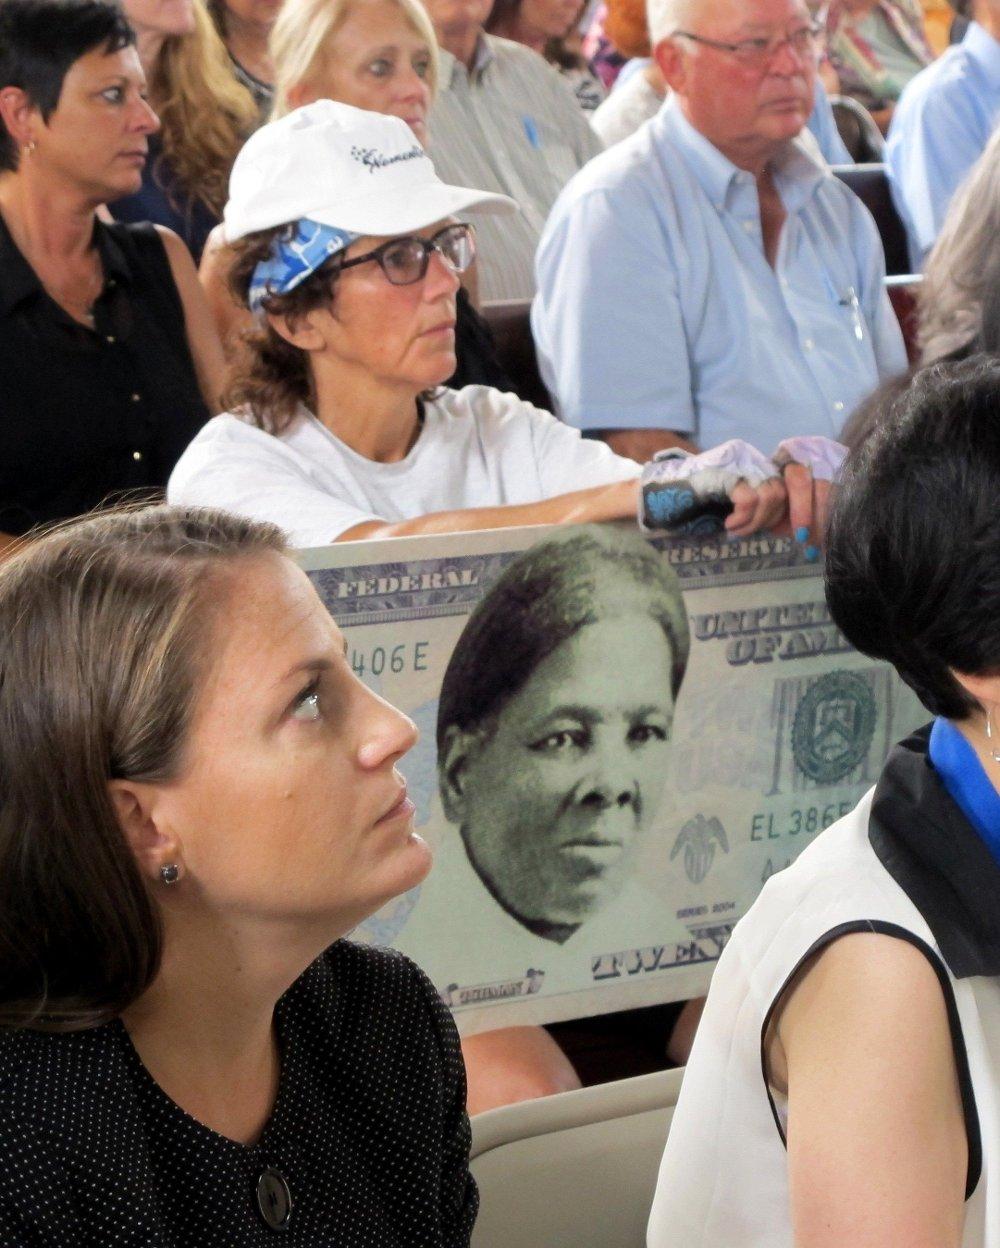 Klikk på bildet for å forstørre. En kvinne viser sin støtte til å putte Harriet Tubman på en 20-dollarseddel under et town hall-møte i Seneca Falls i 2015.